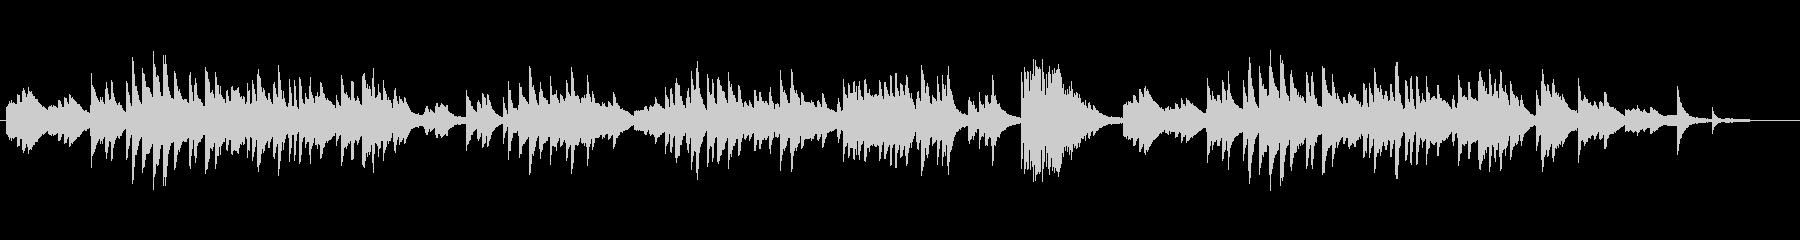 ヒーリング・イージーリスニングのピアノ曲の未再生の波形